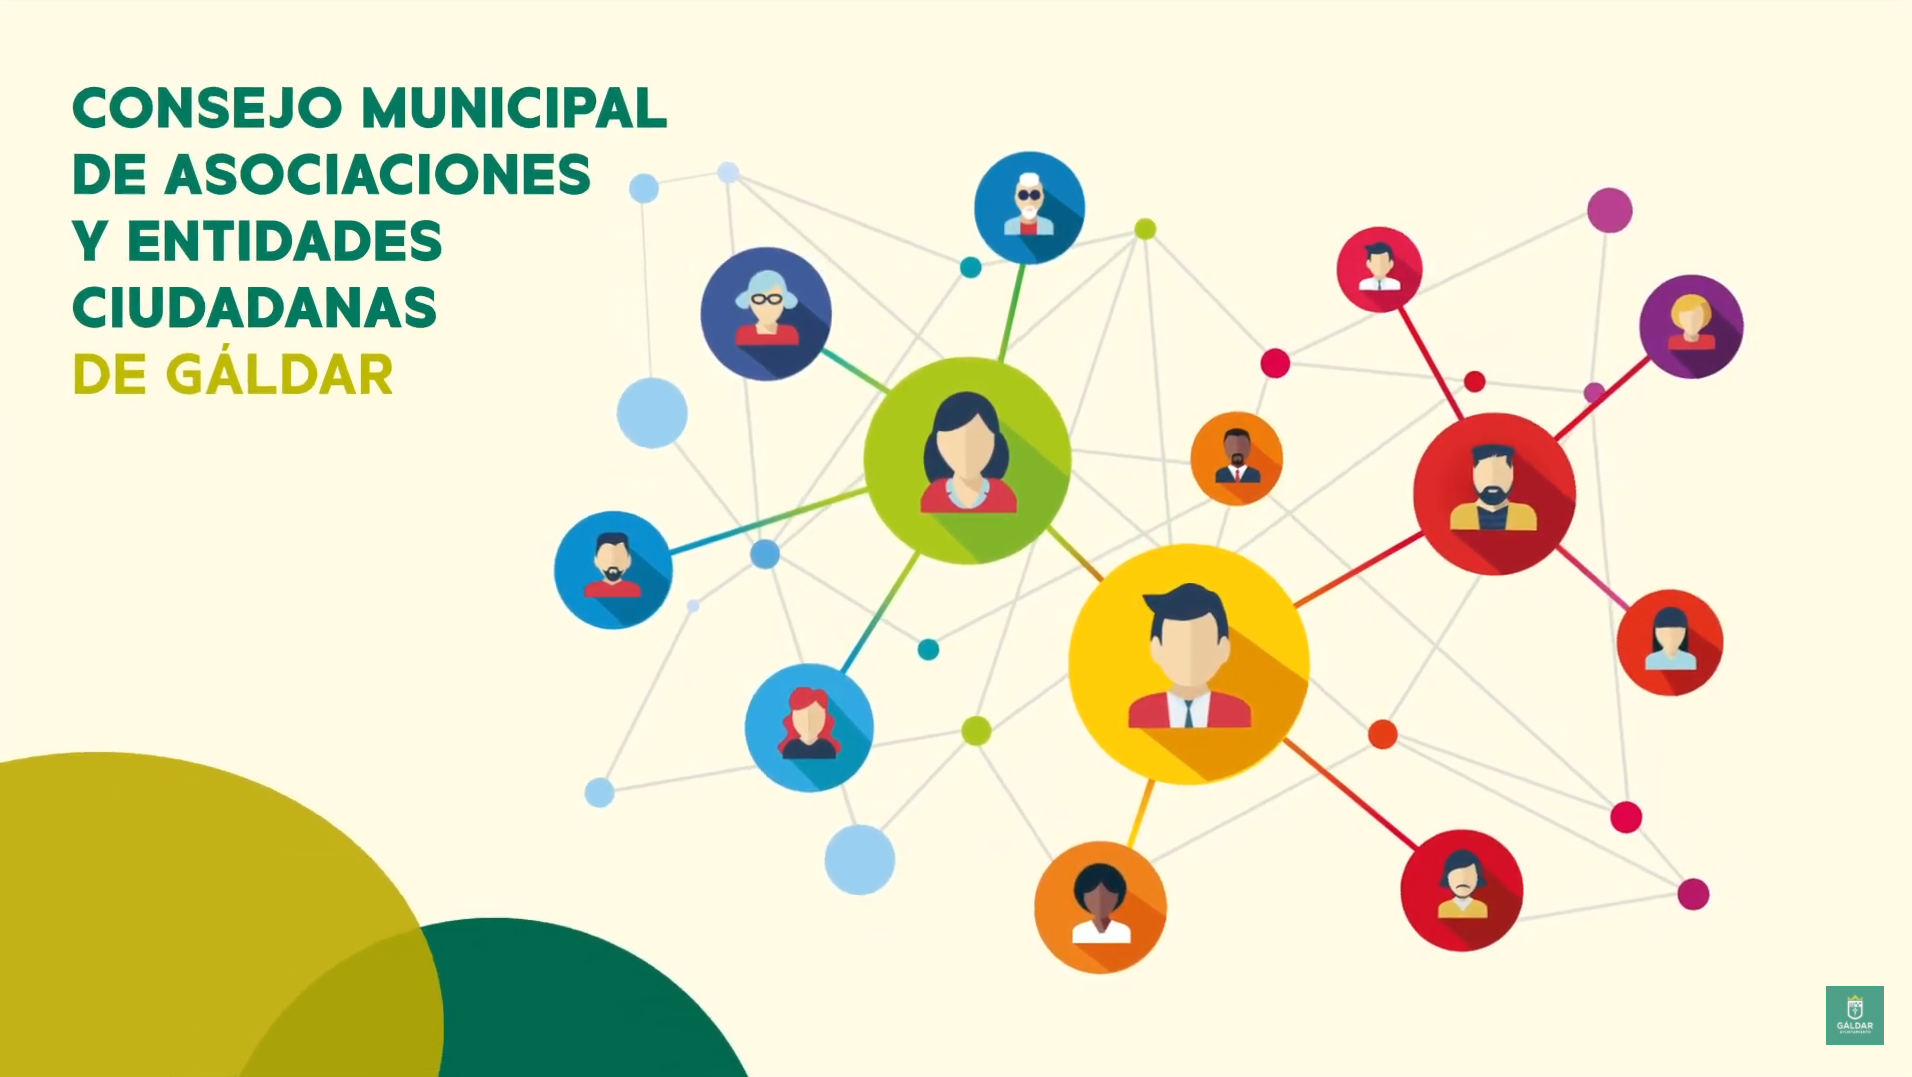 Consejo Municipal de Asociaciones y Entidades Ciudadanas de Gáldar